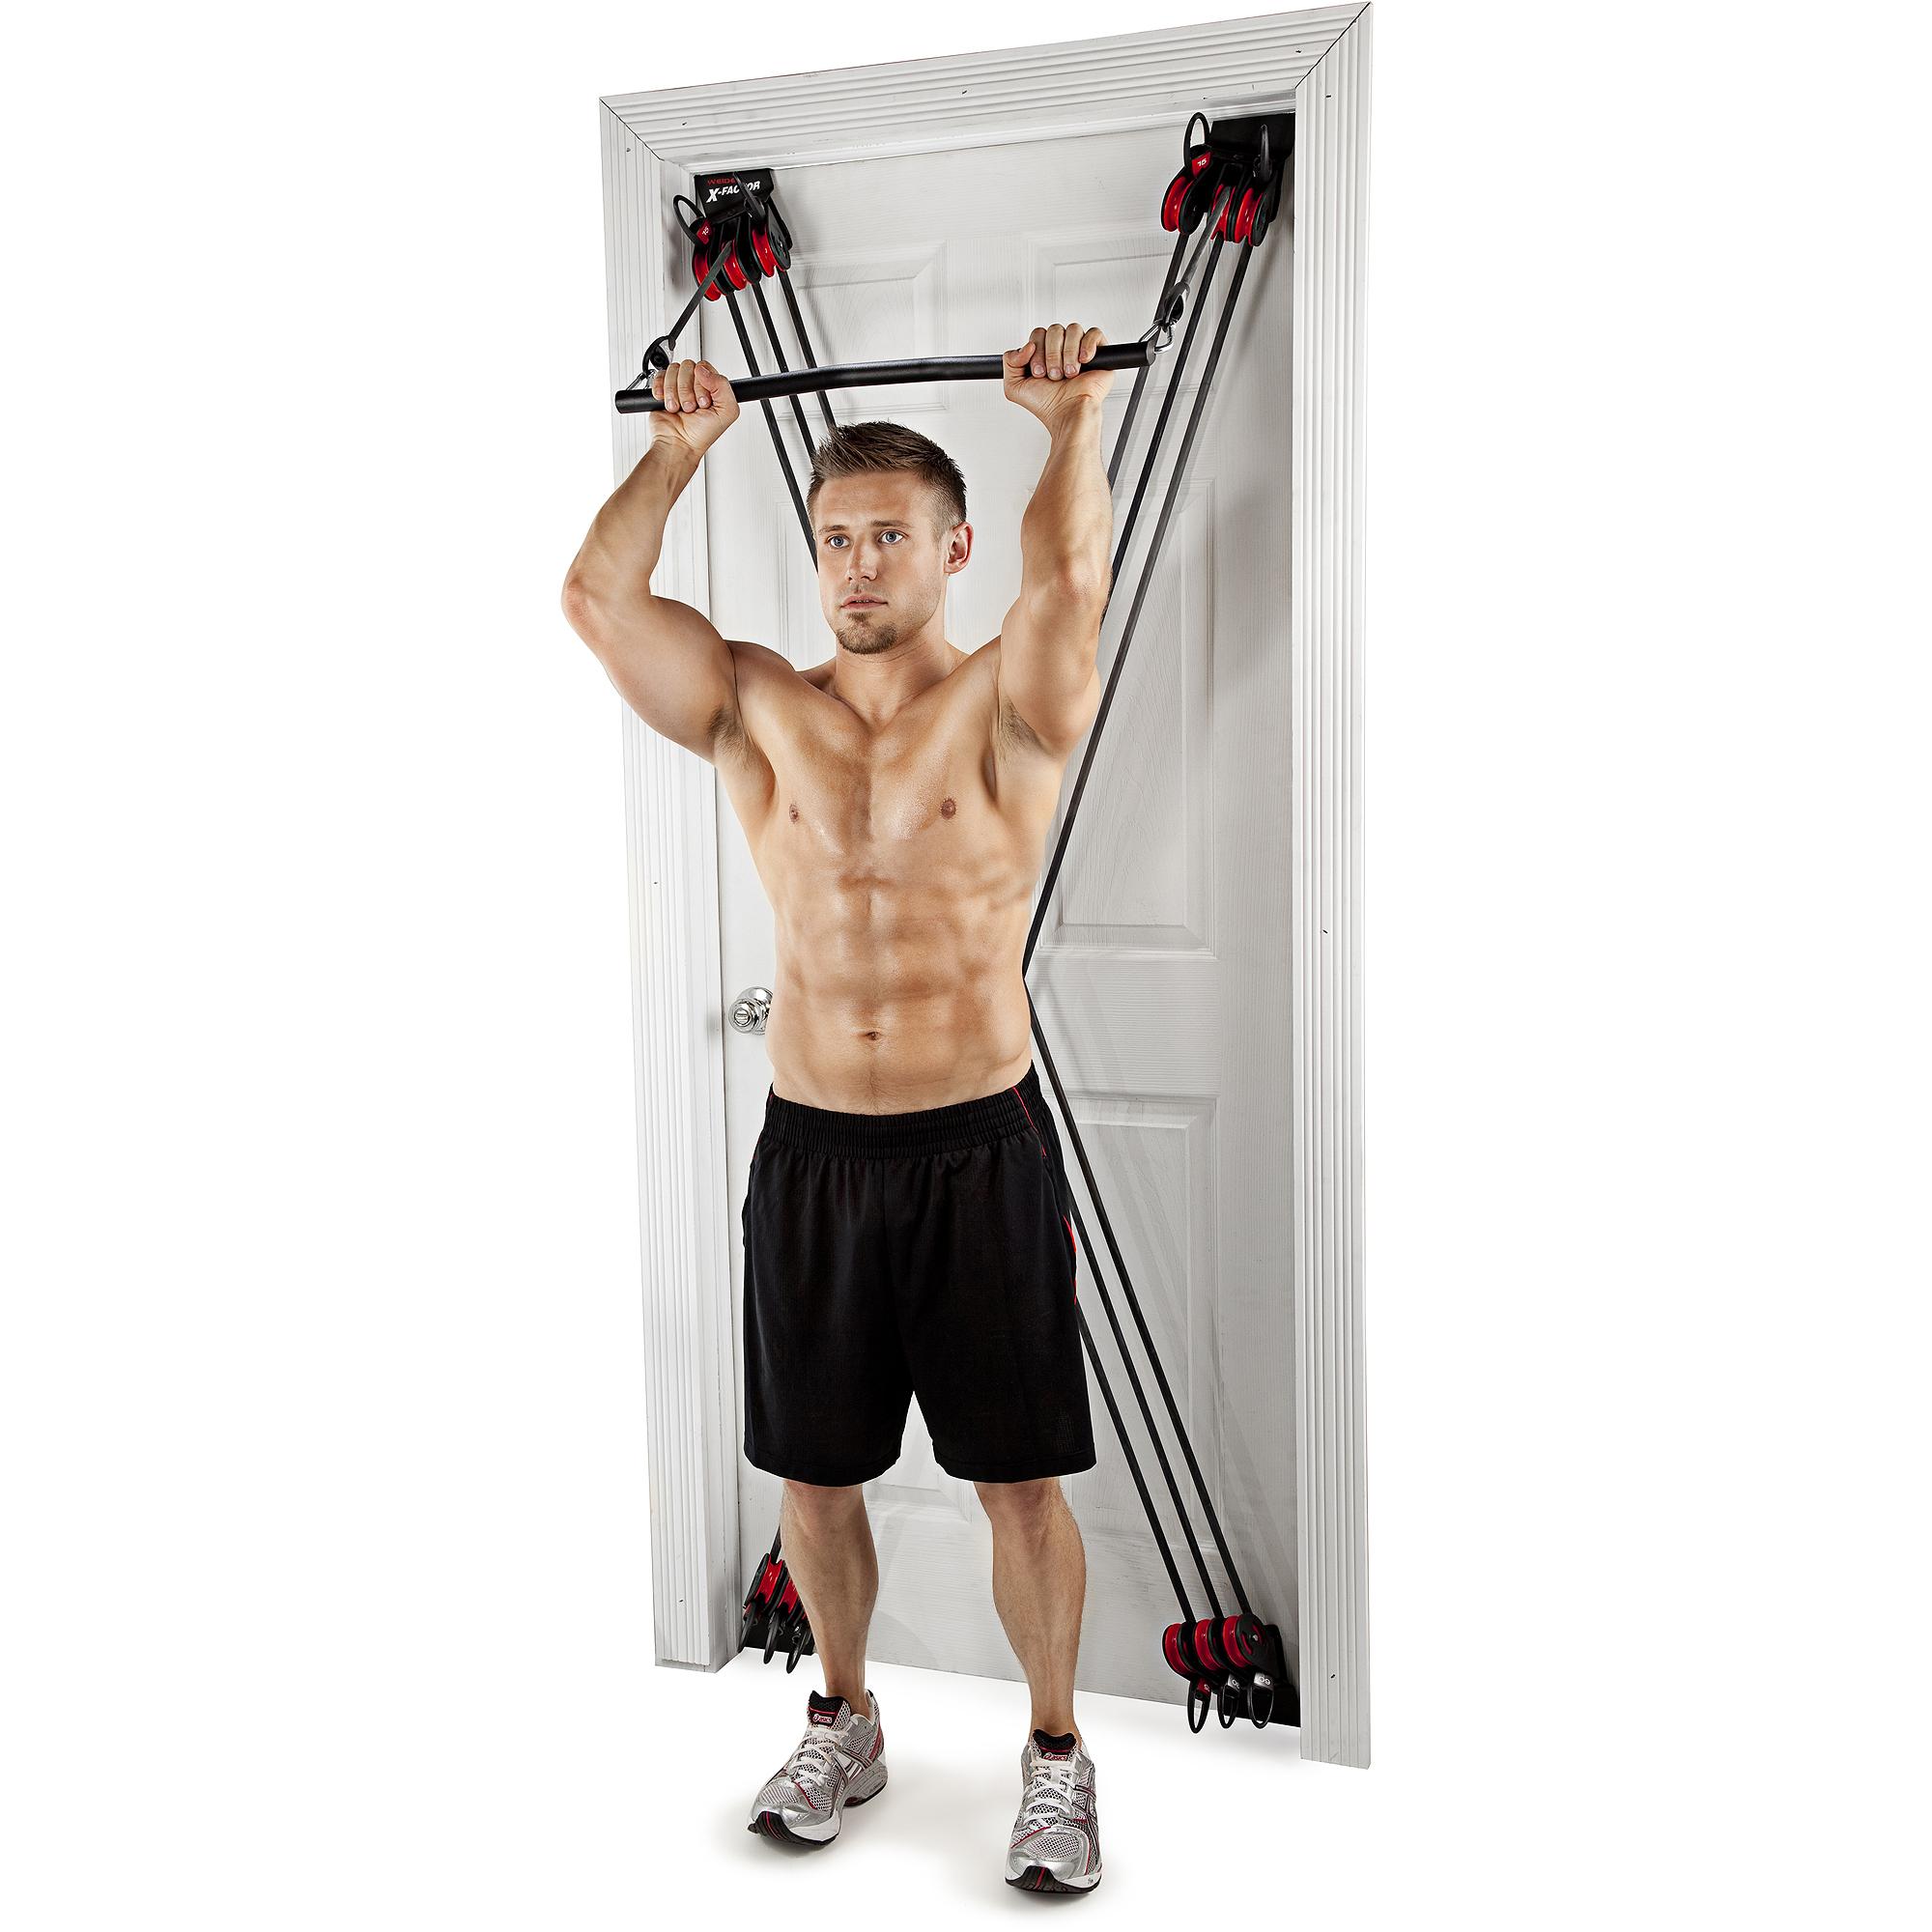 As Seen On Tv Weider X-factor Door Gym